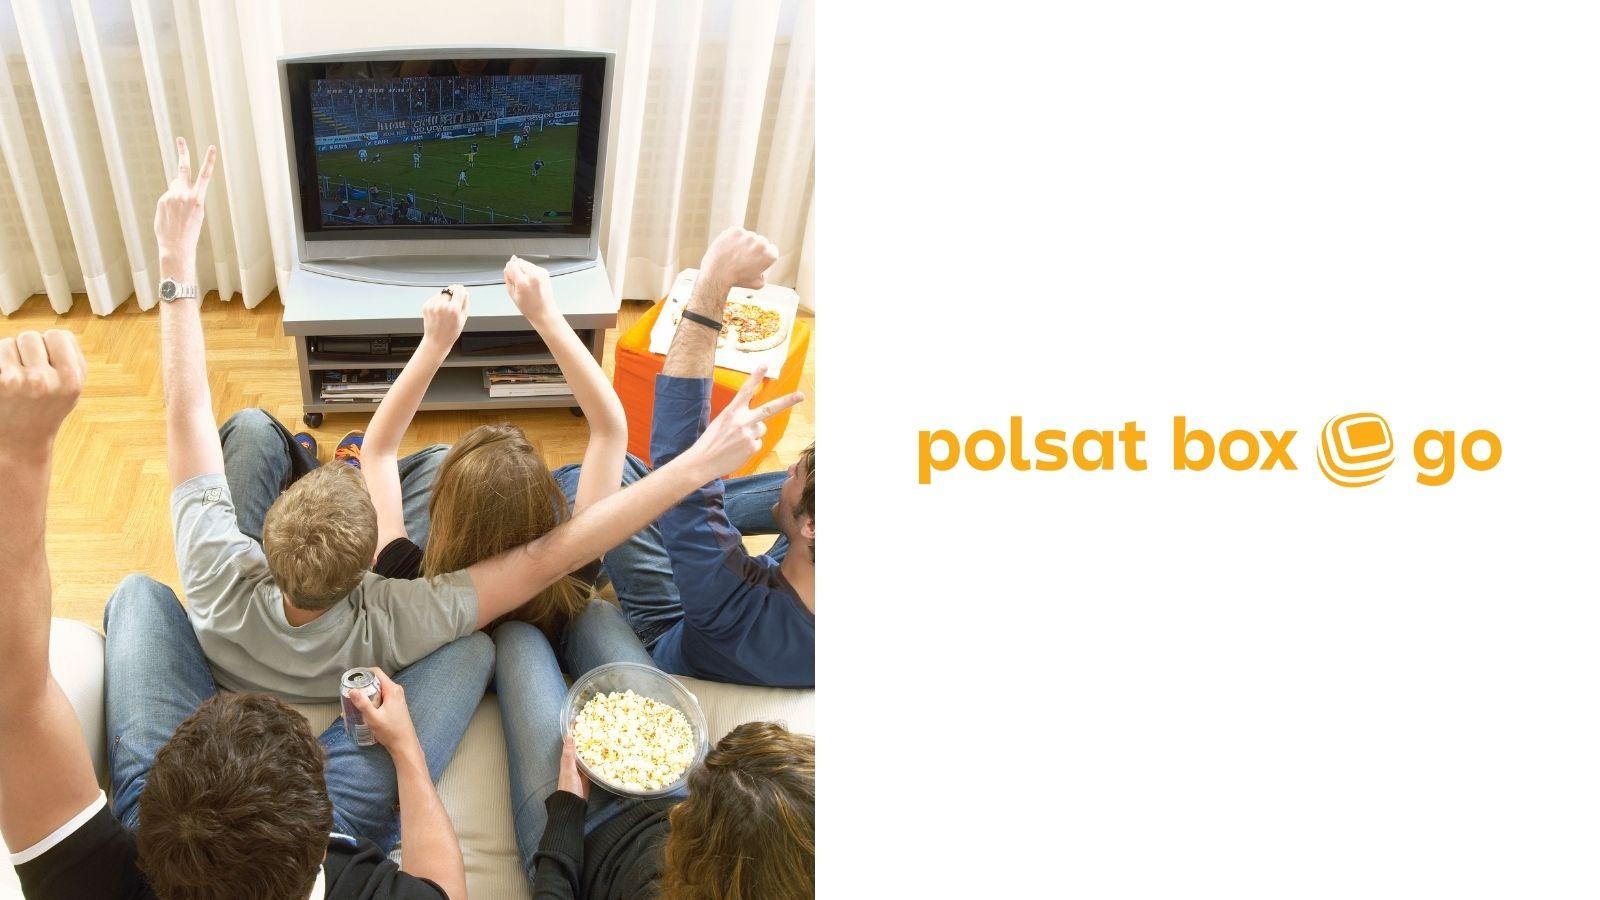 Nowy serwis streamingowy i VOD Polsatu POLSAT mediarun polsat box go